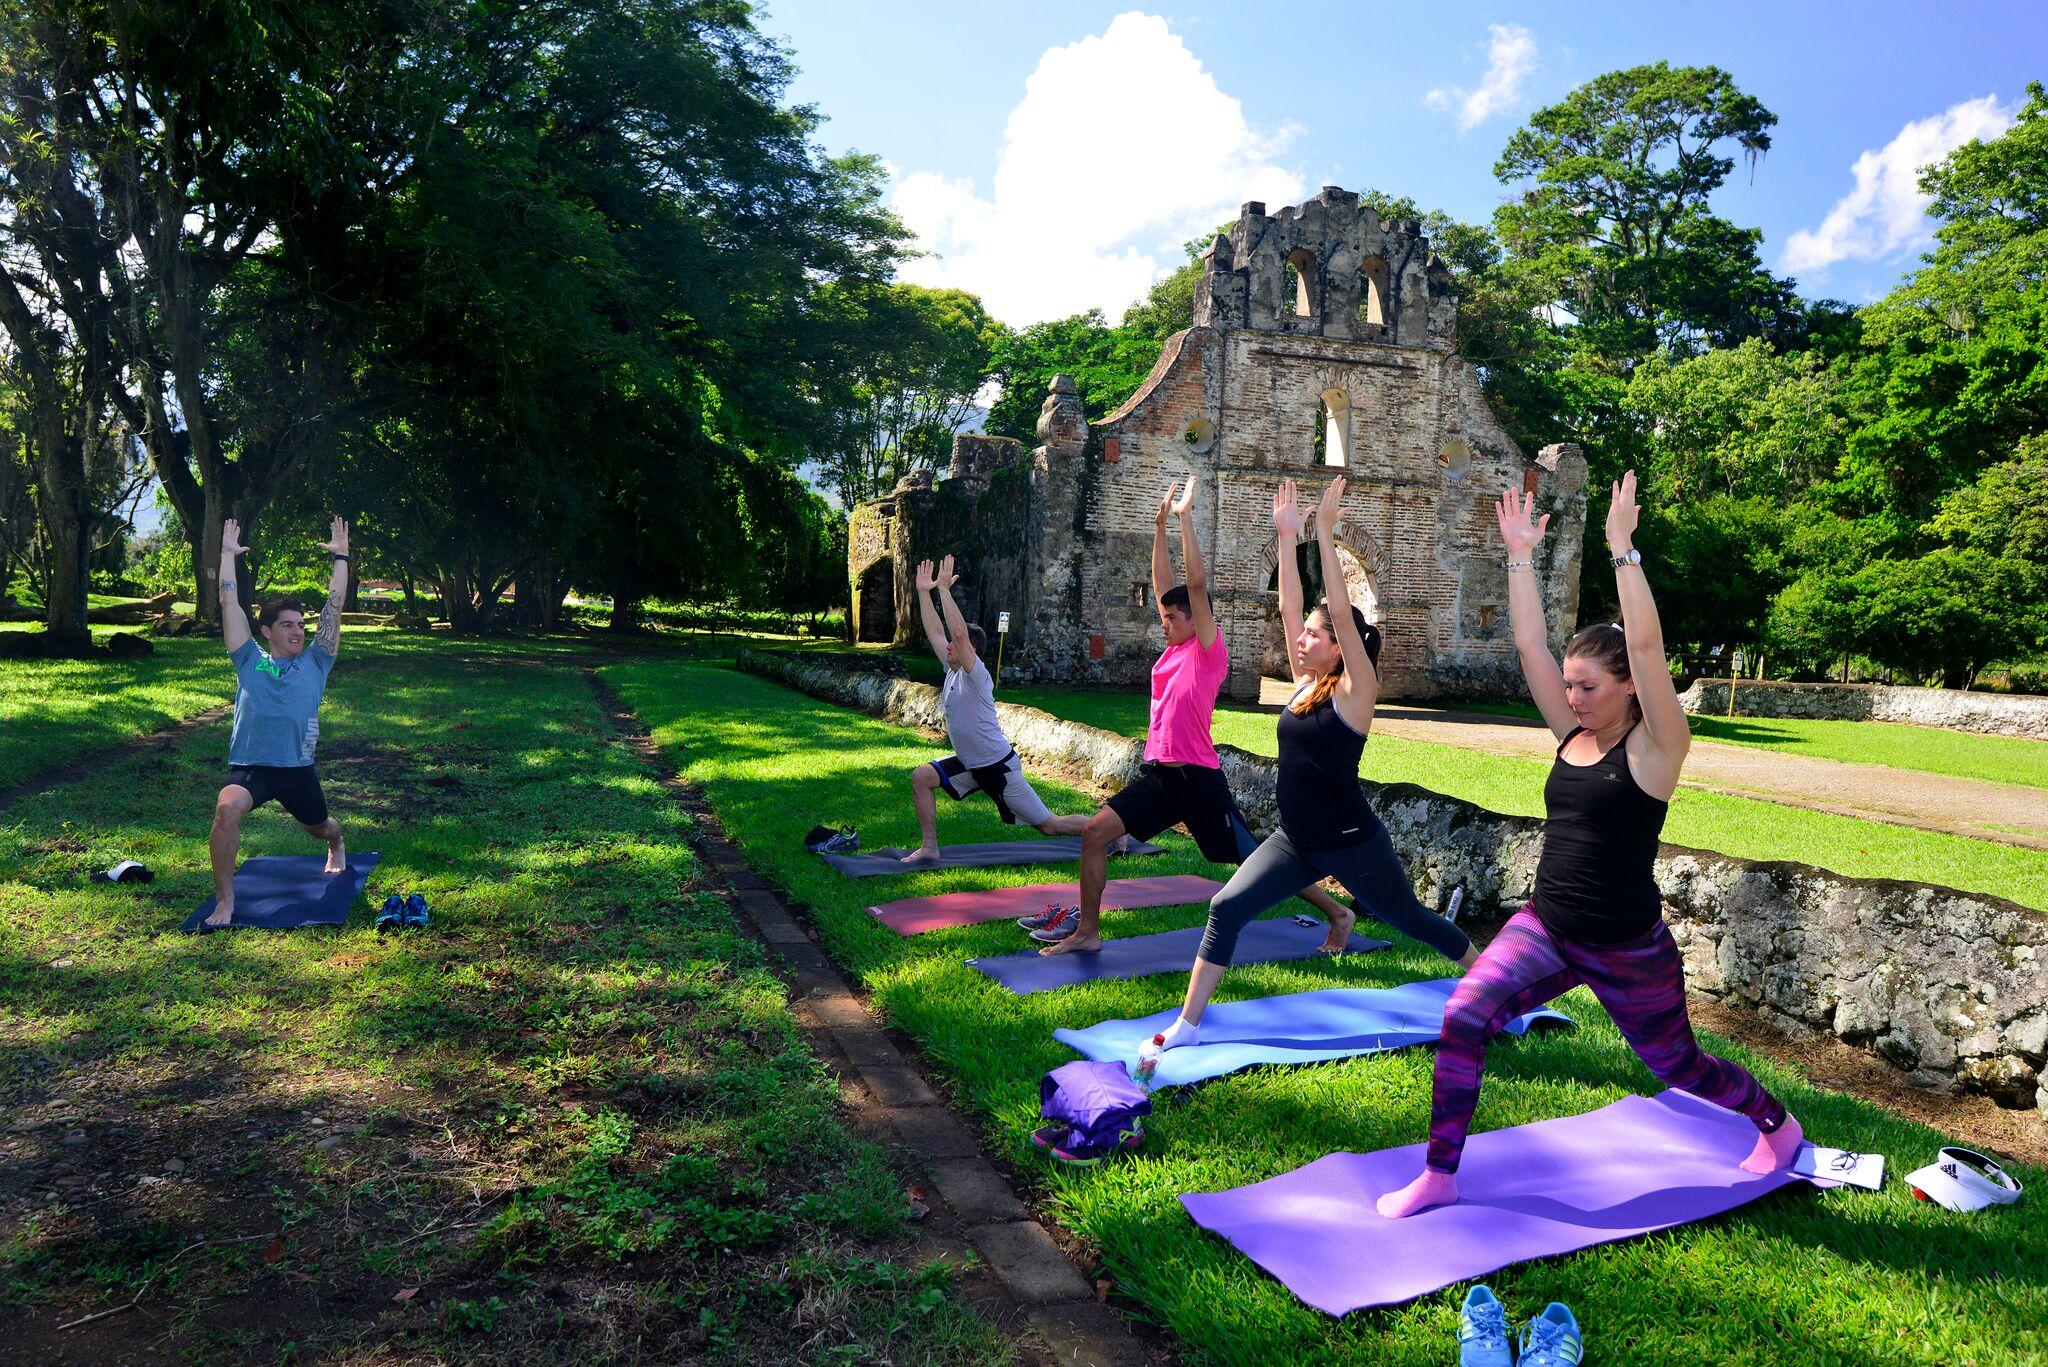 Centroamérica con la mirada puesta en turismo sostenible en 2017